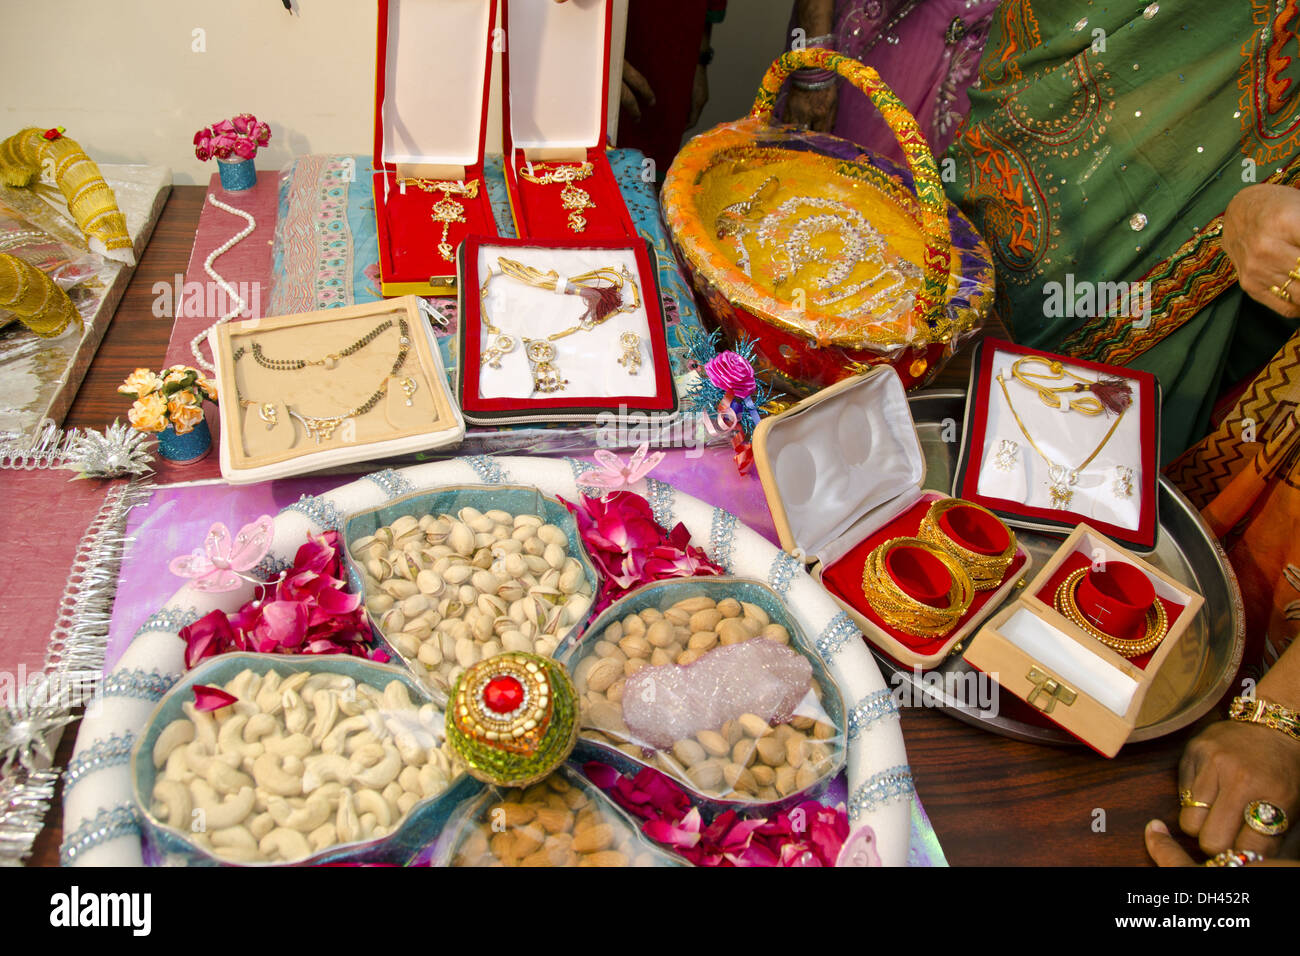 Dote doni gioielli frutta secca imballaggi decorativi per Home decoration tips in marathi